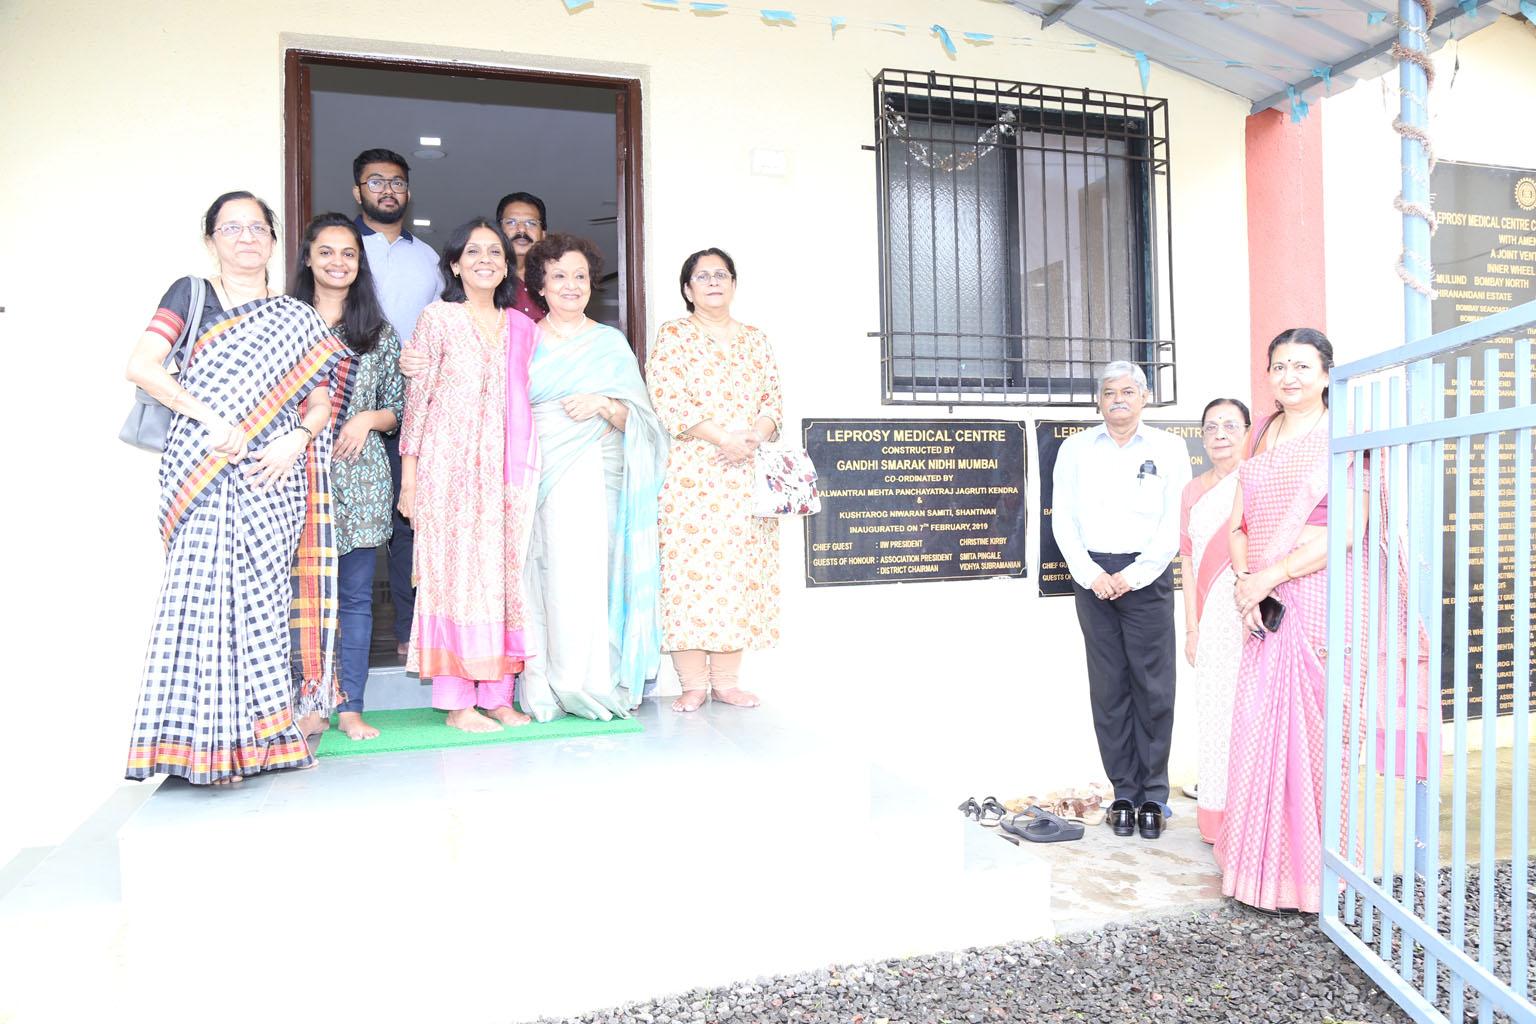 At KRNS Leprosy Medical Centre